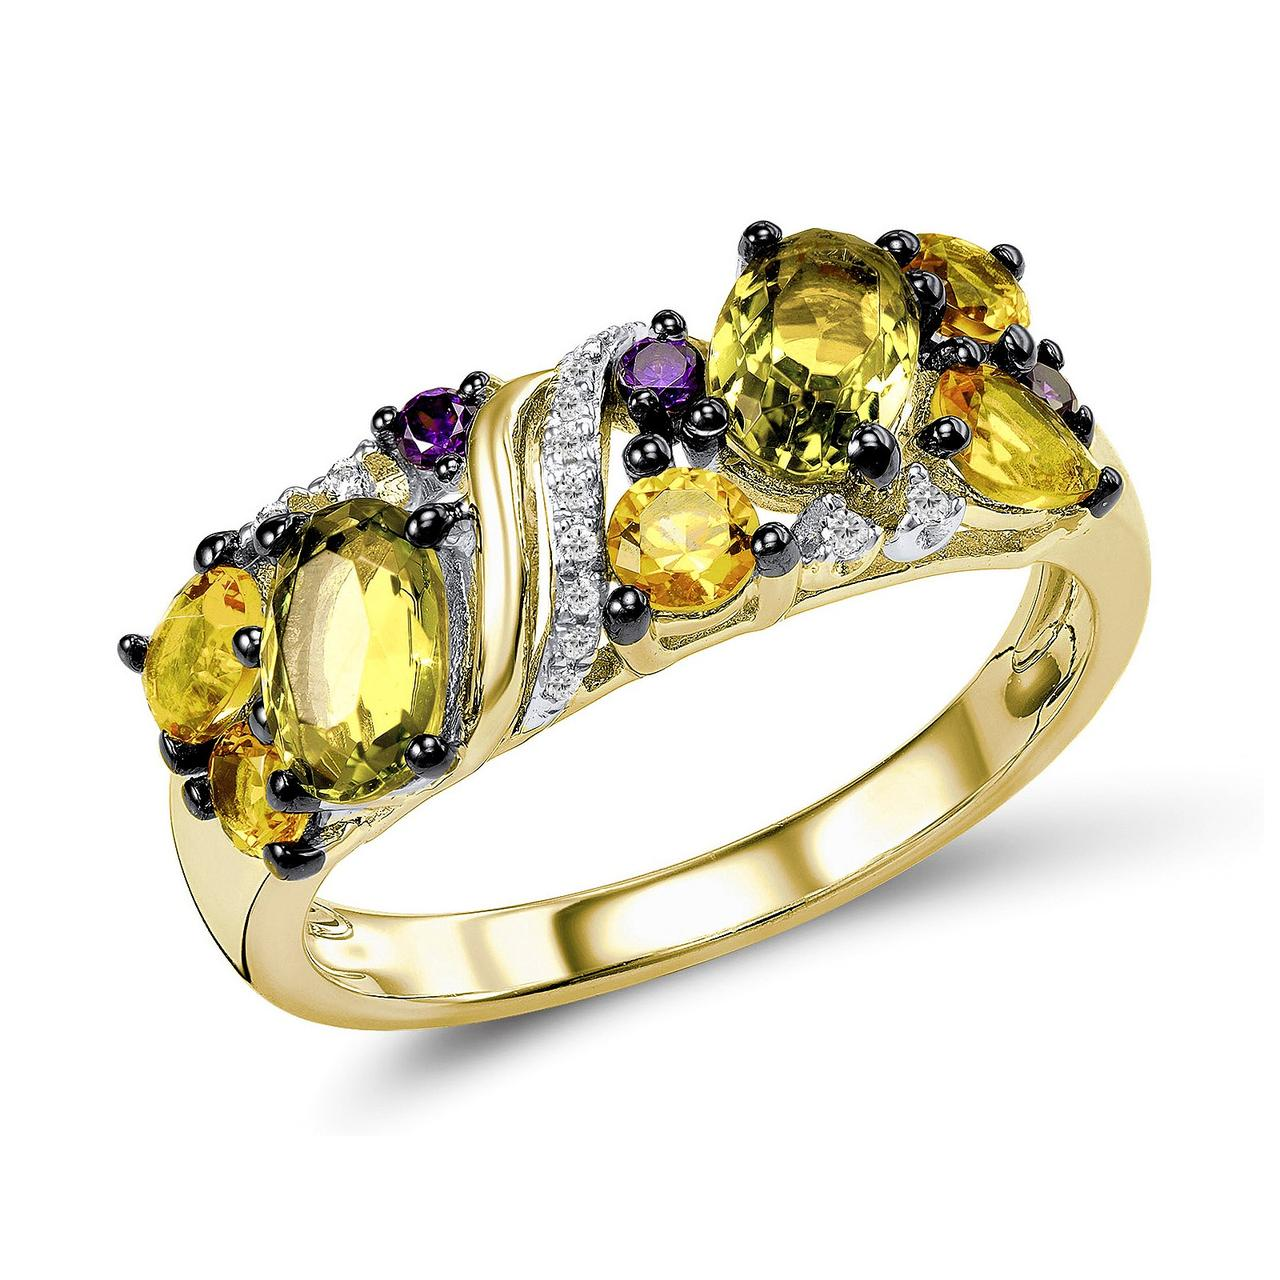 Золотое кольцо, размер 16.5 (1603995)